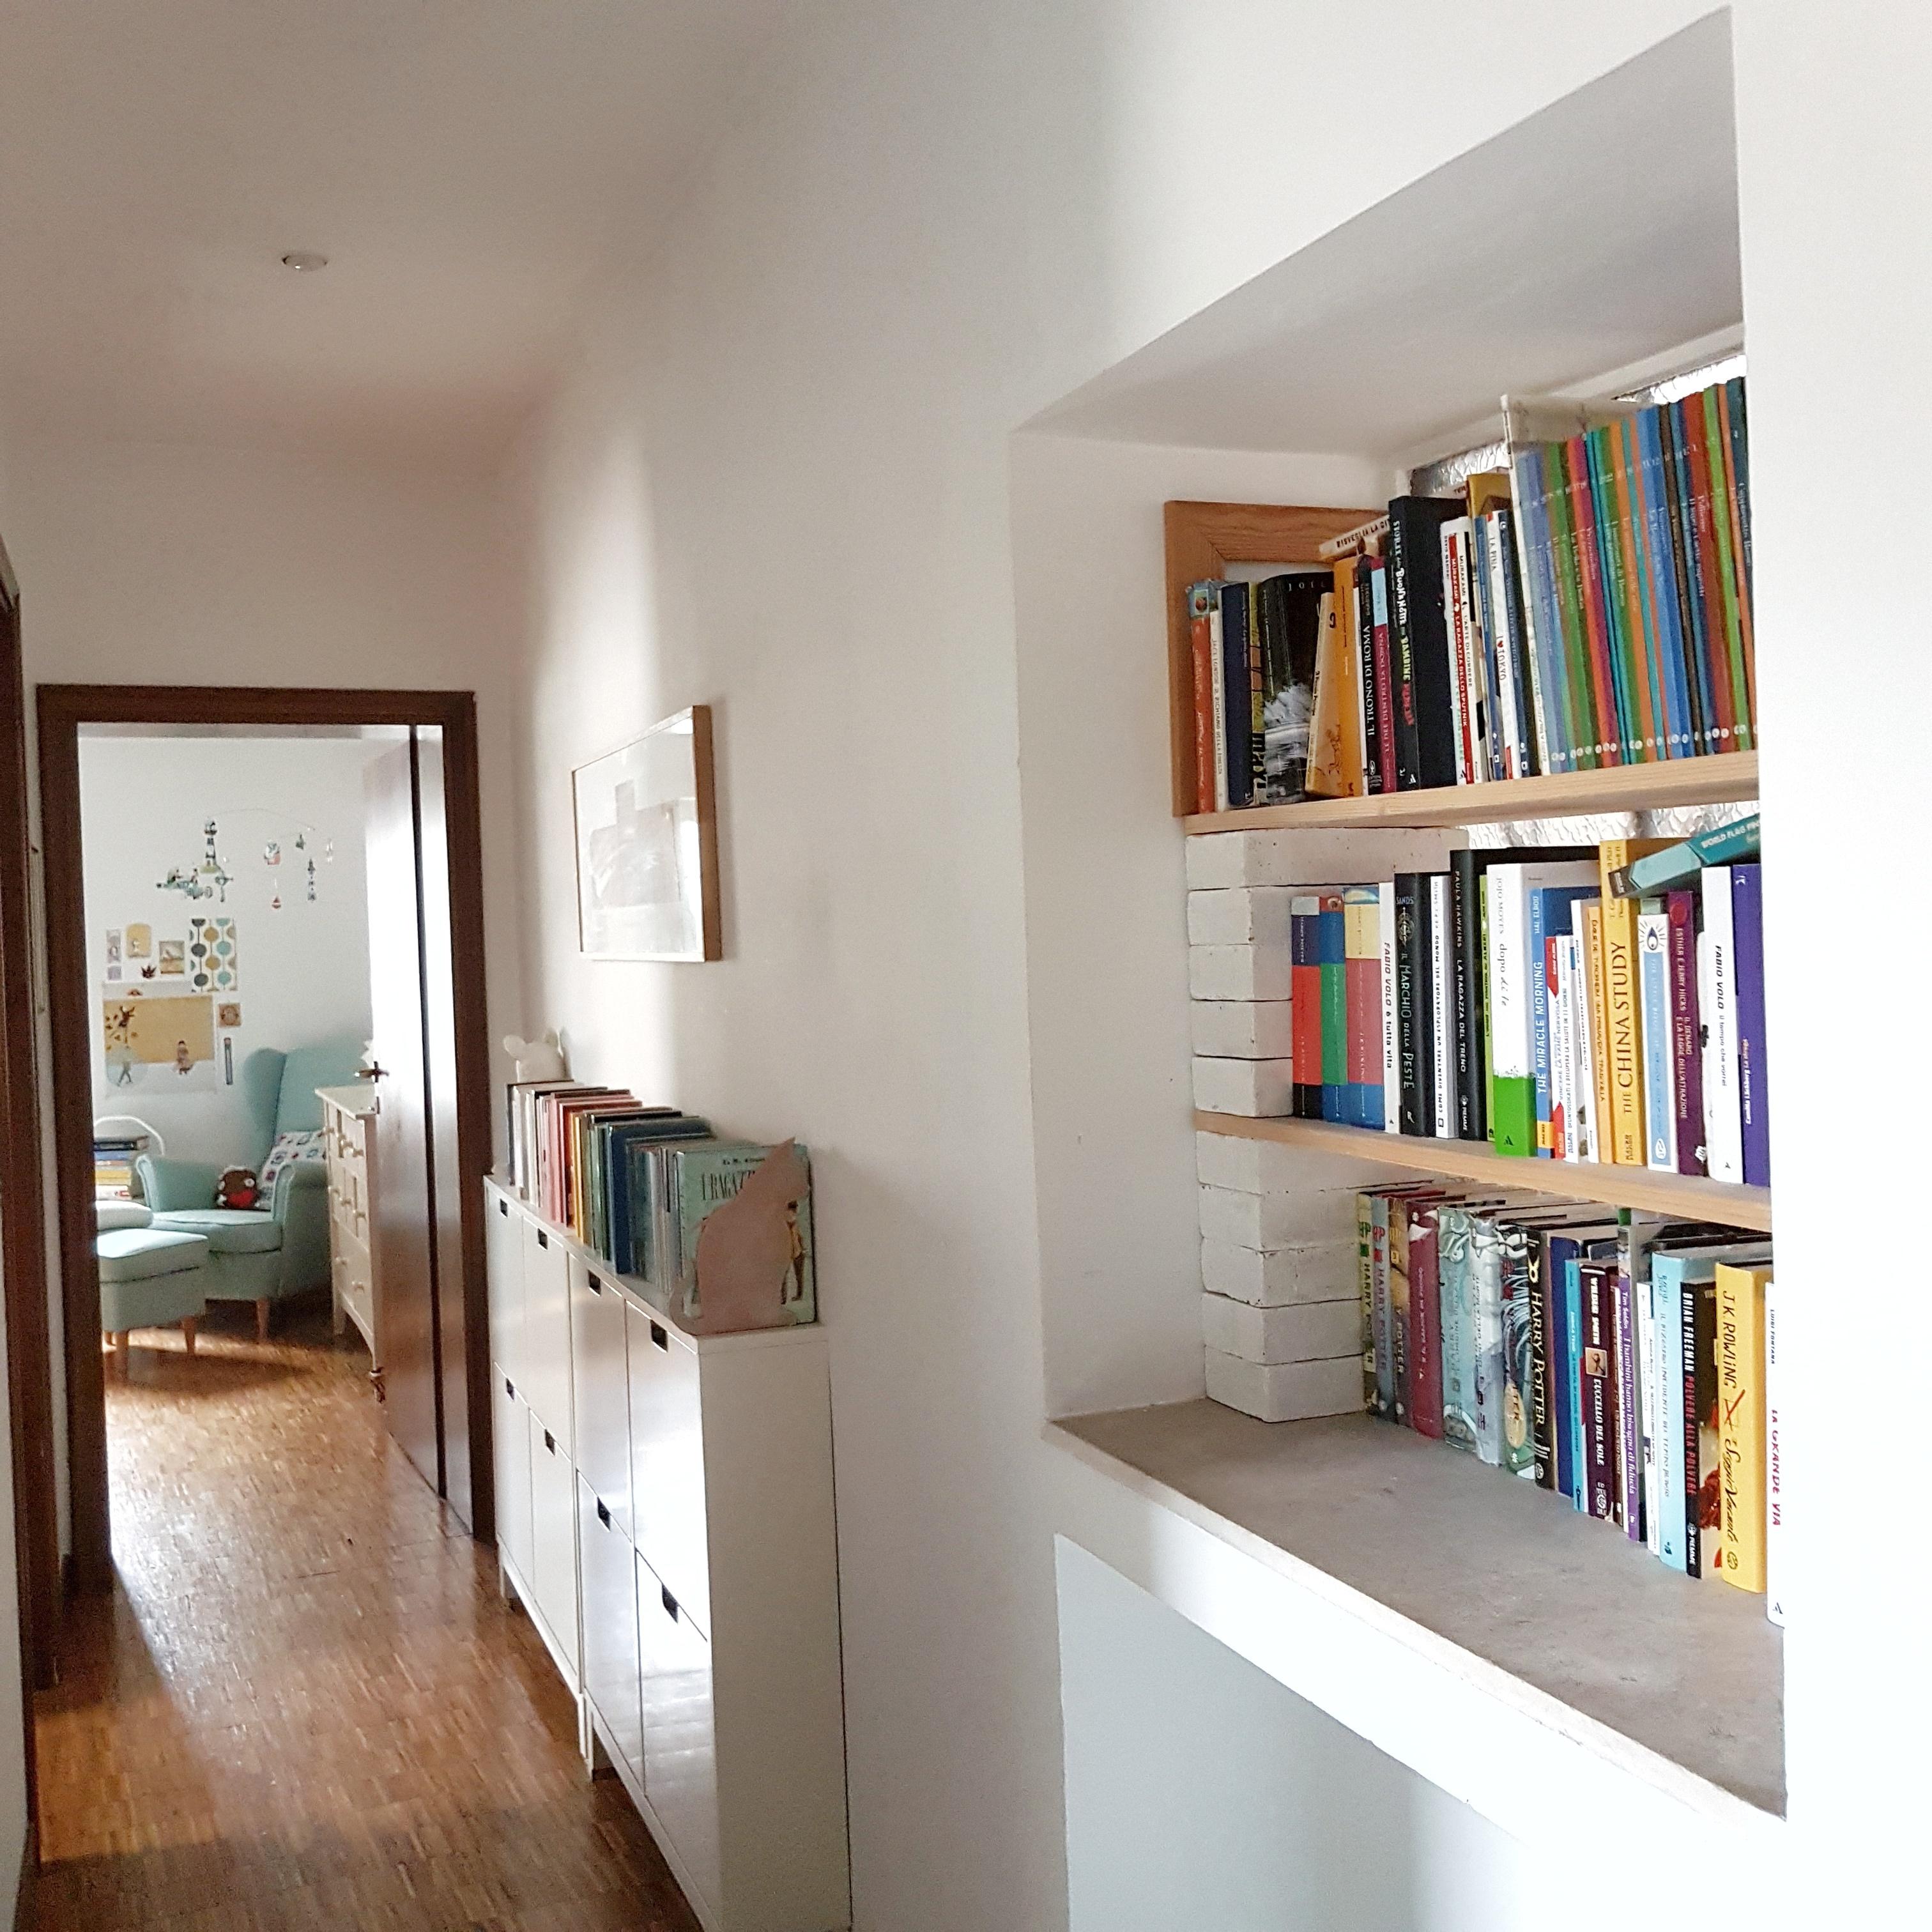 Idee Per Nicchie Nel Muro 5 ricicli creativi per arredare casa • tulimami